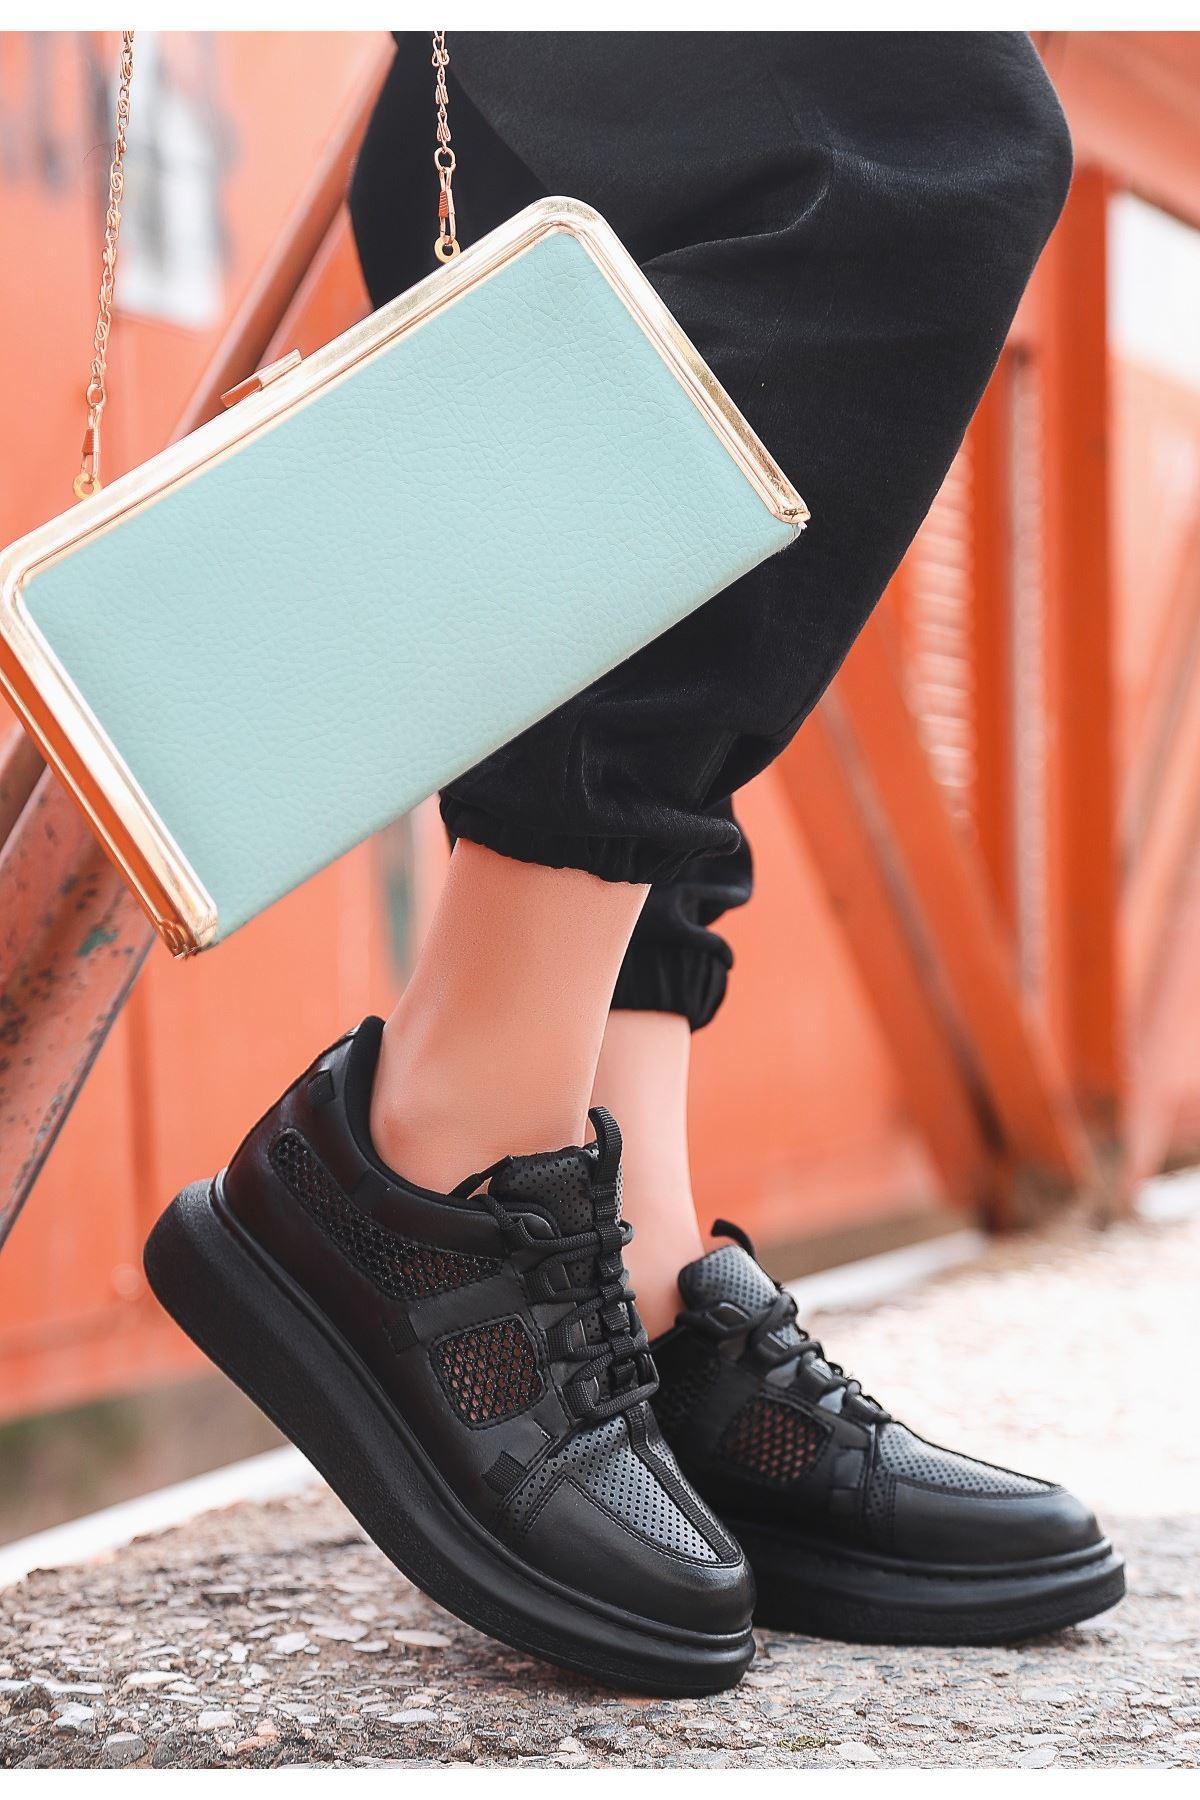 Voni Siyah Cilt Fileli Dantelli Spor Ayakkabı